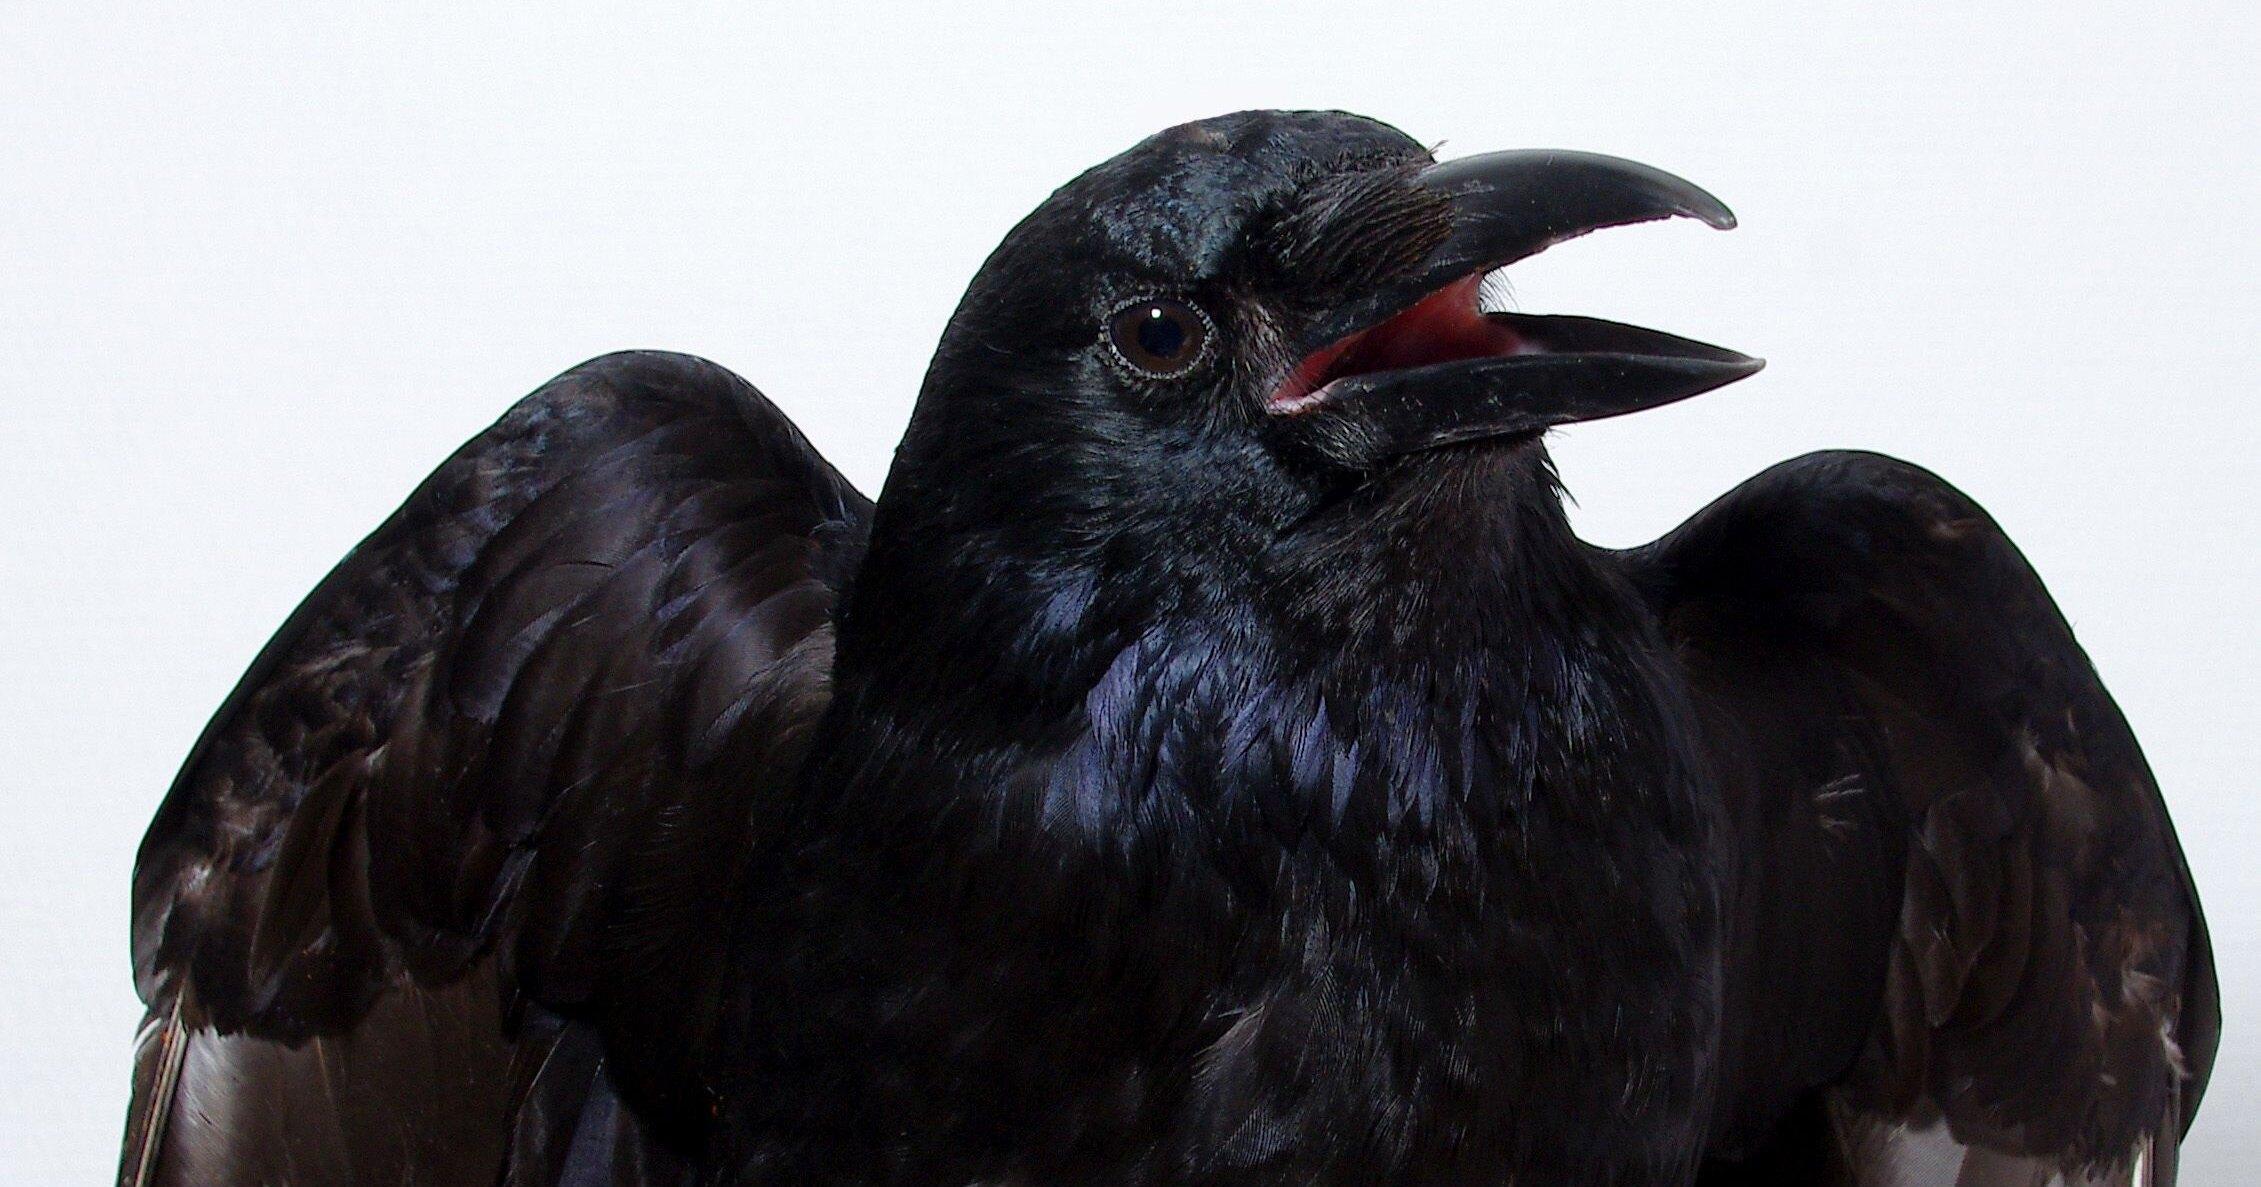 У ворон впервые обнаружили способность переживать субъективный опыт